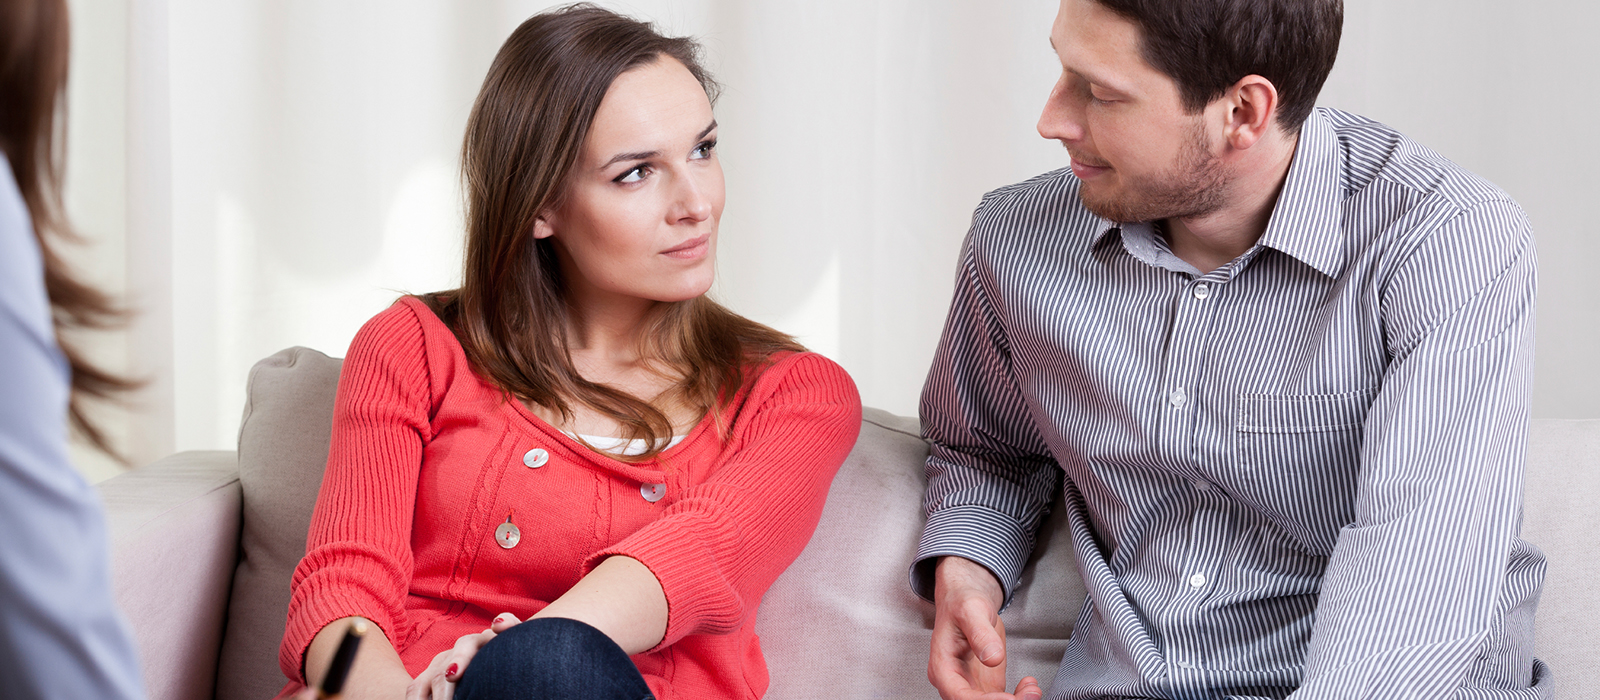 Psychology of dating after divorce